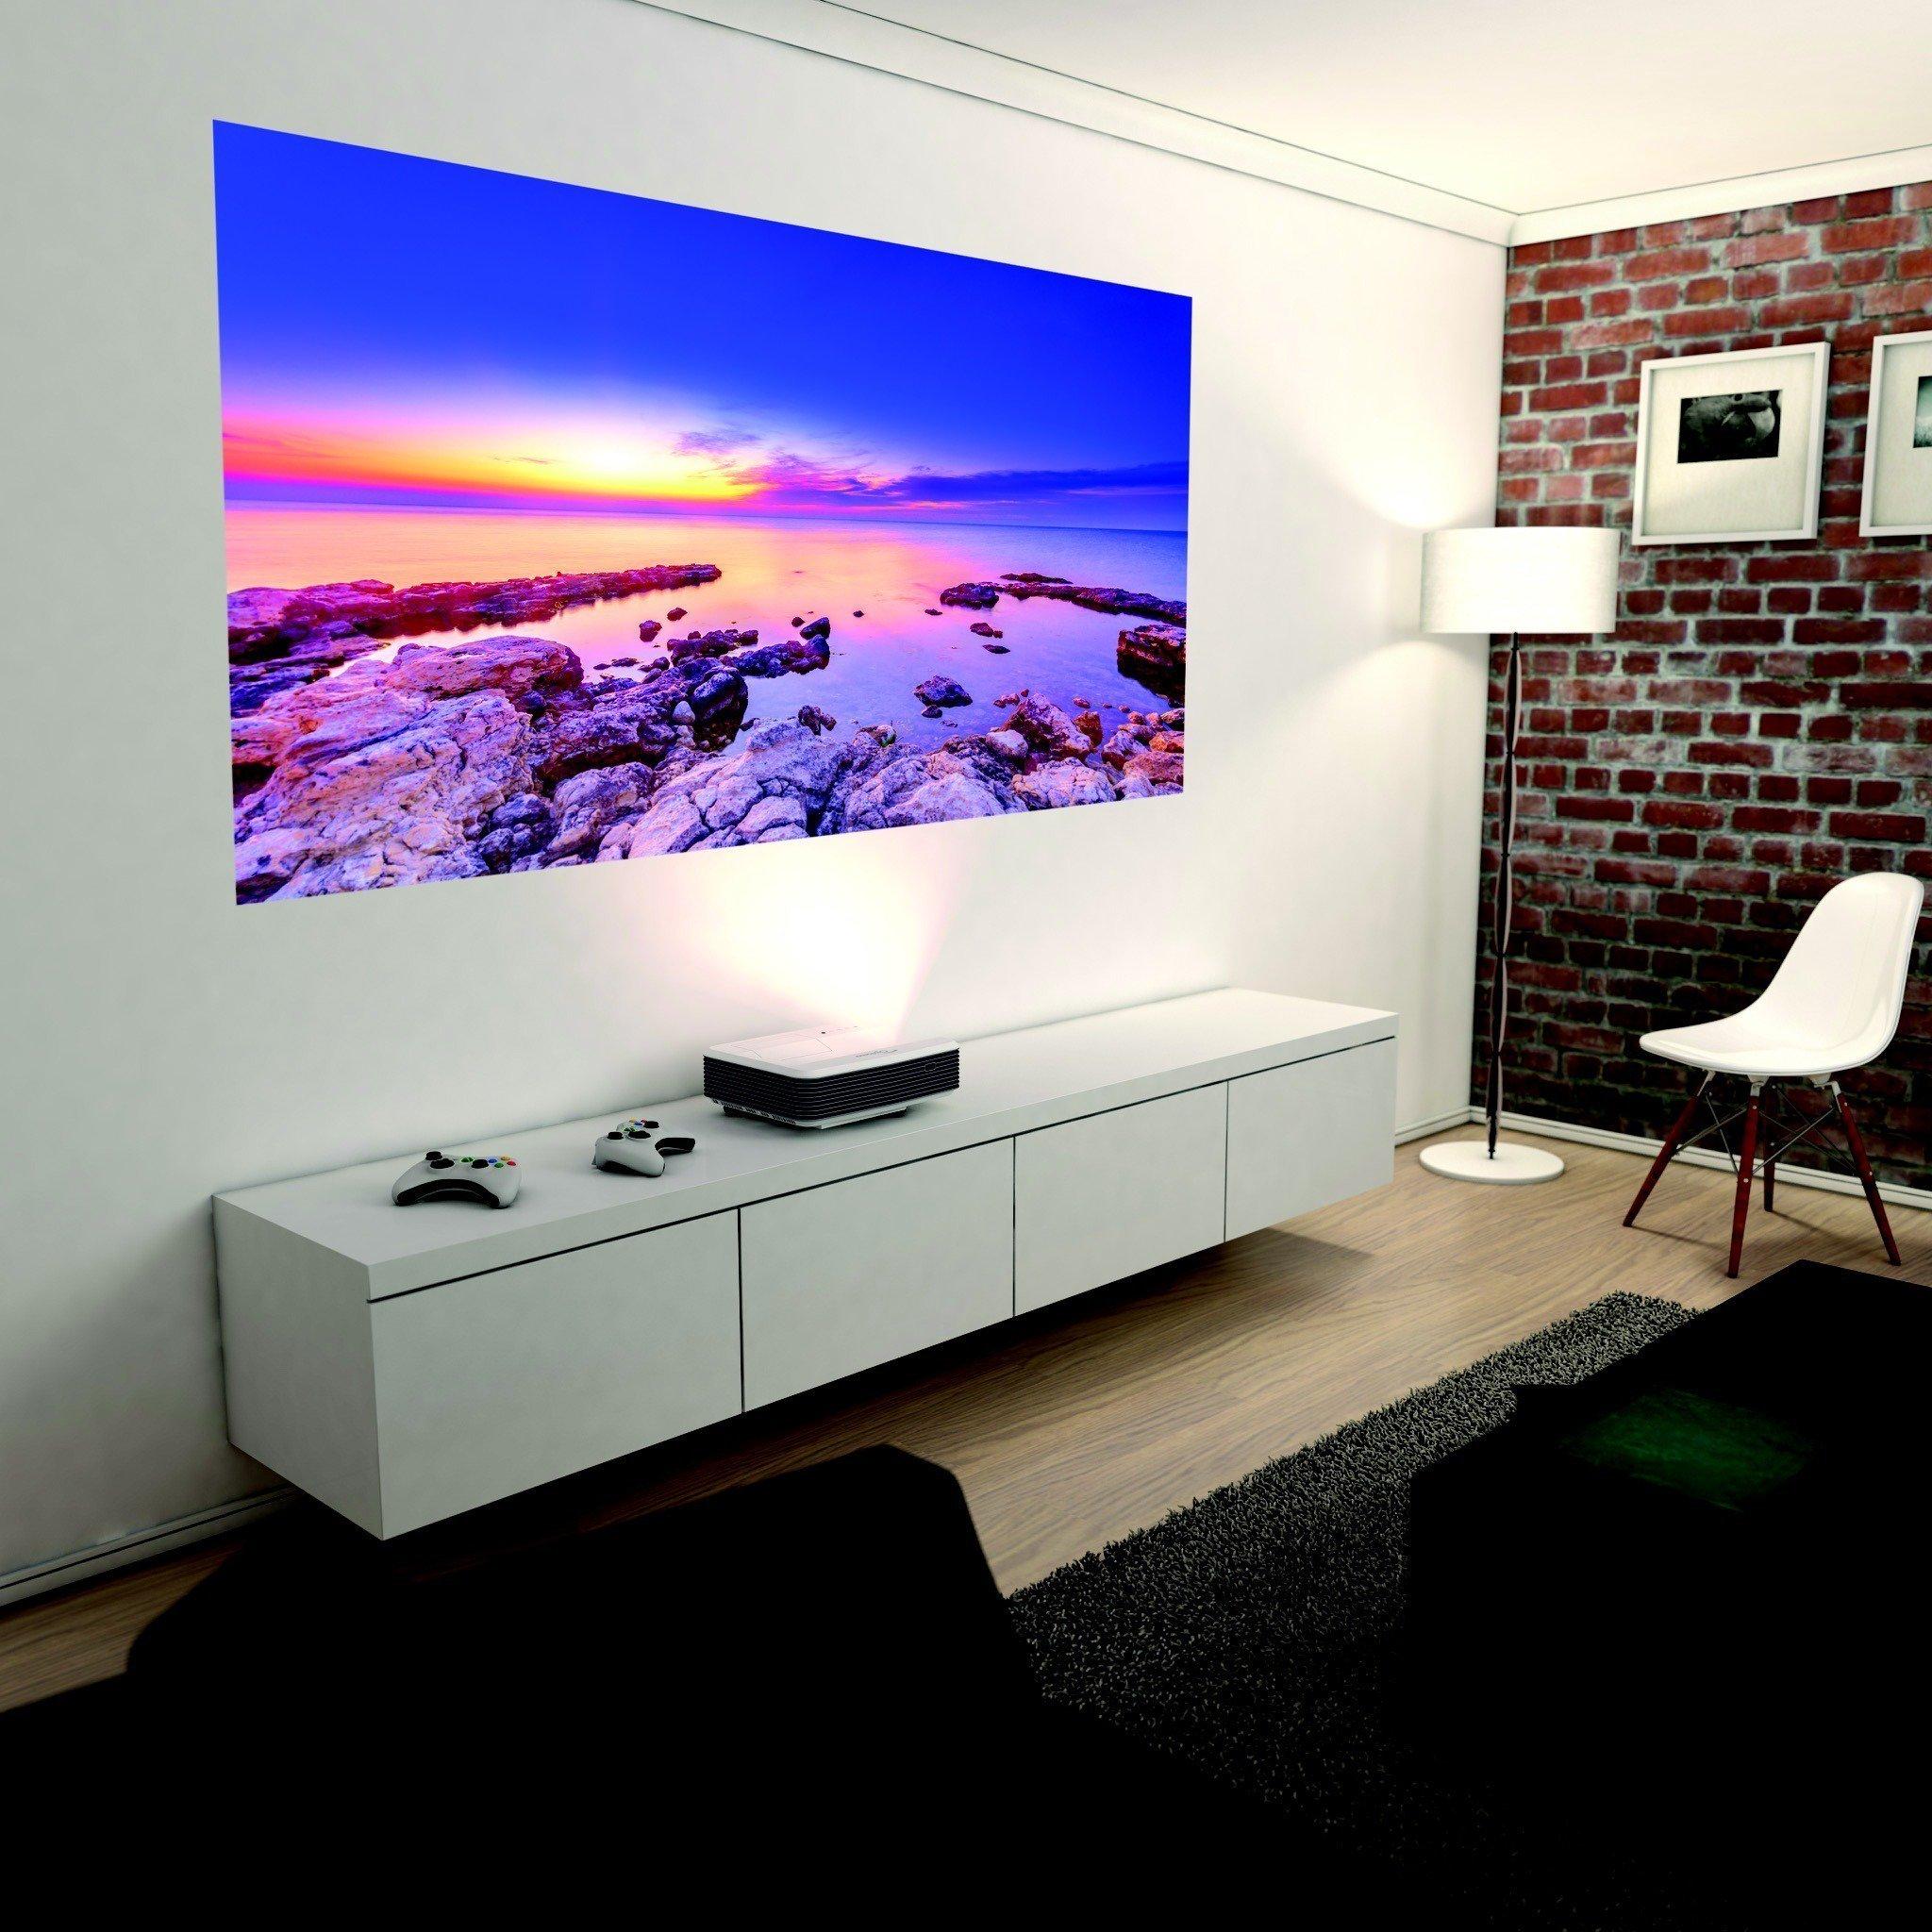 всего картинка с телевизора на проектор вам предложат выбрать